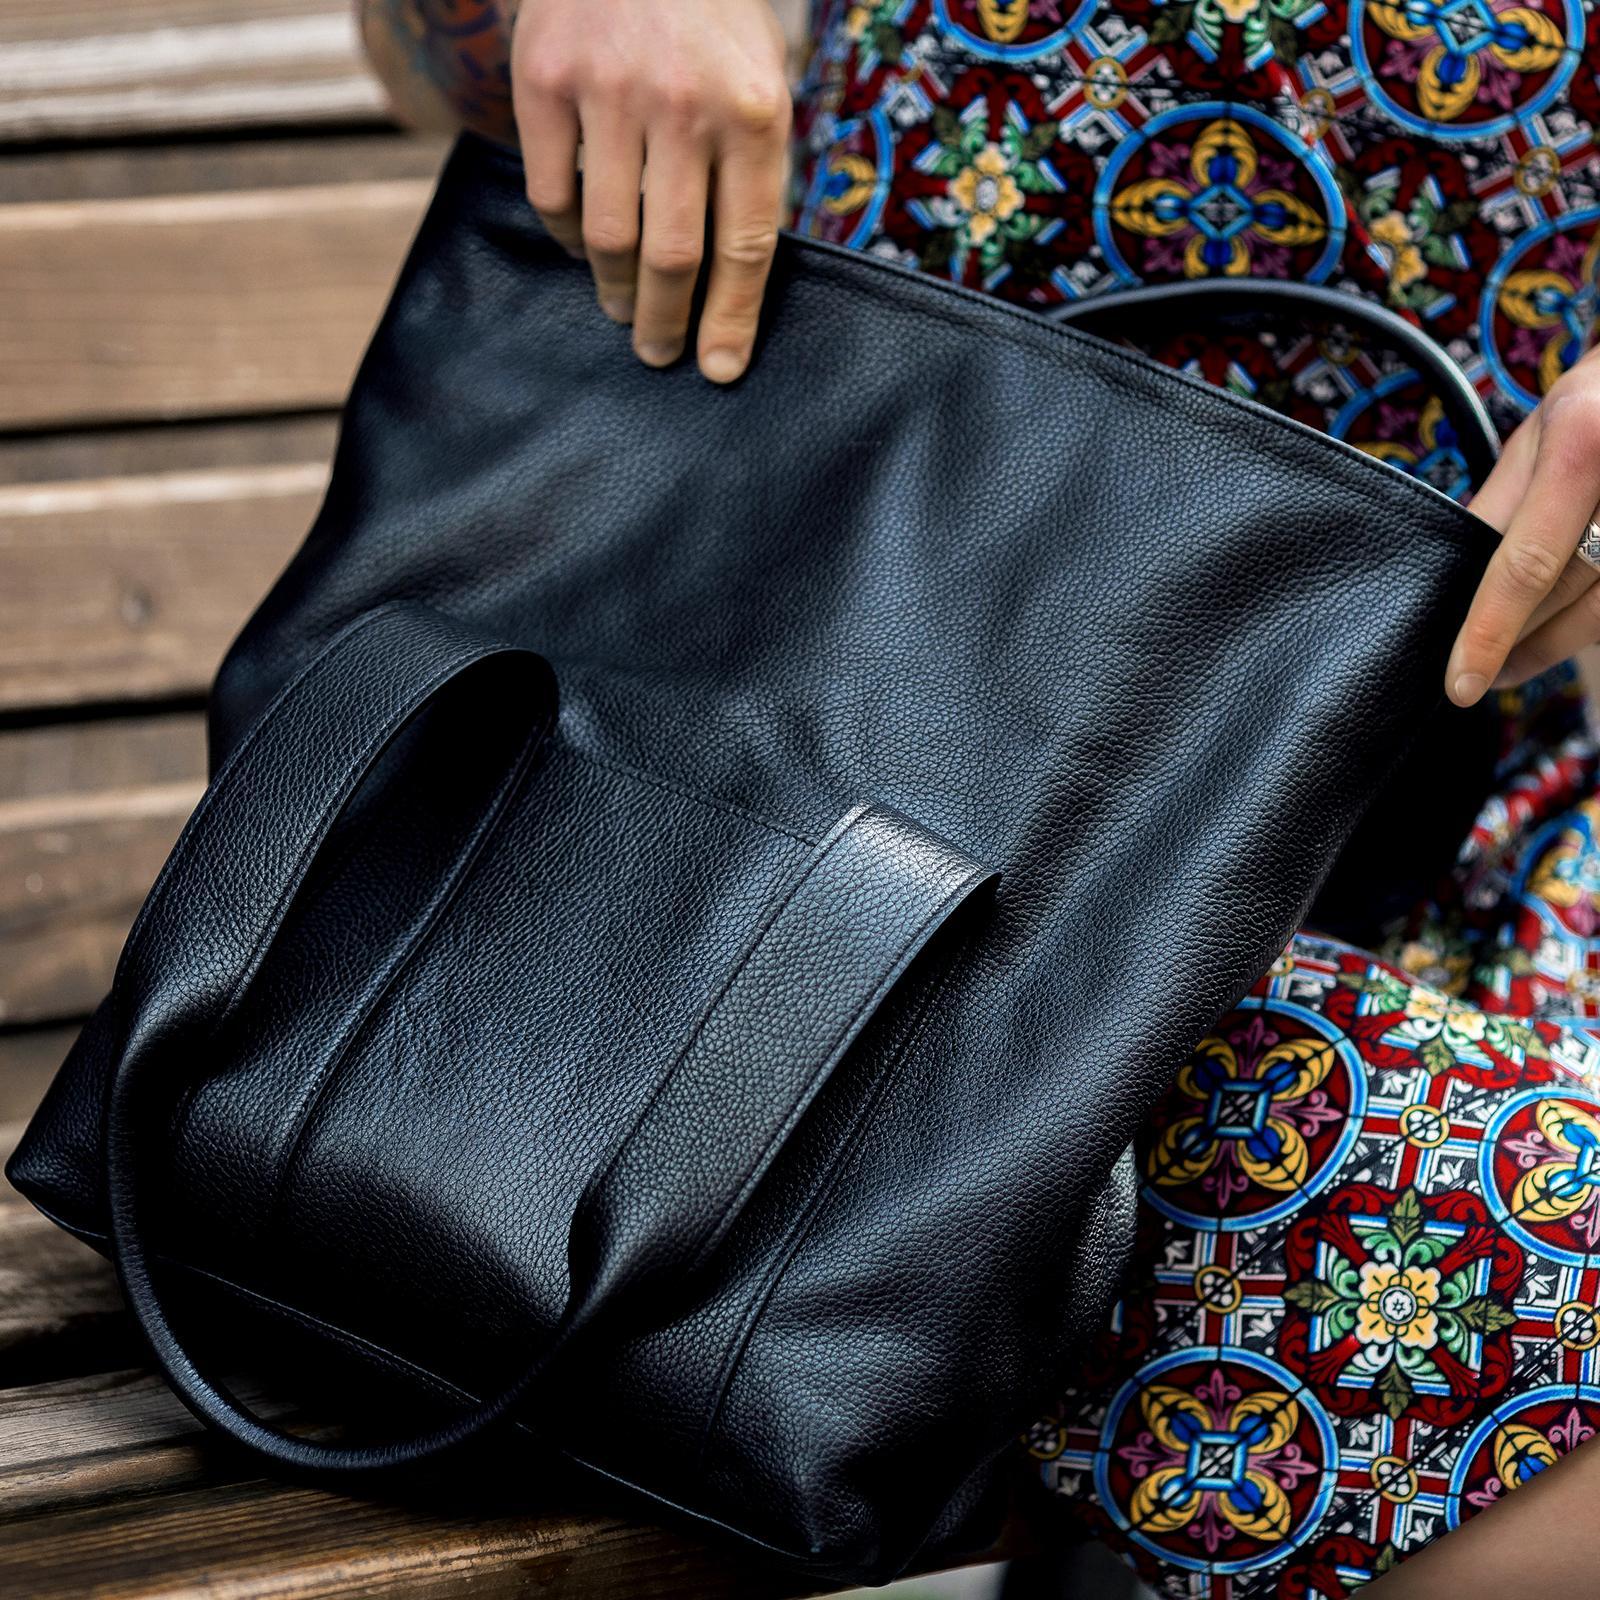 Фото: сумка велика шкіряна чорна